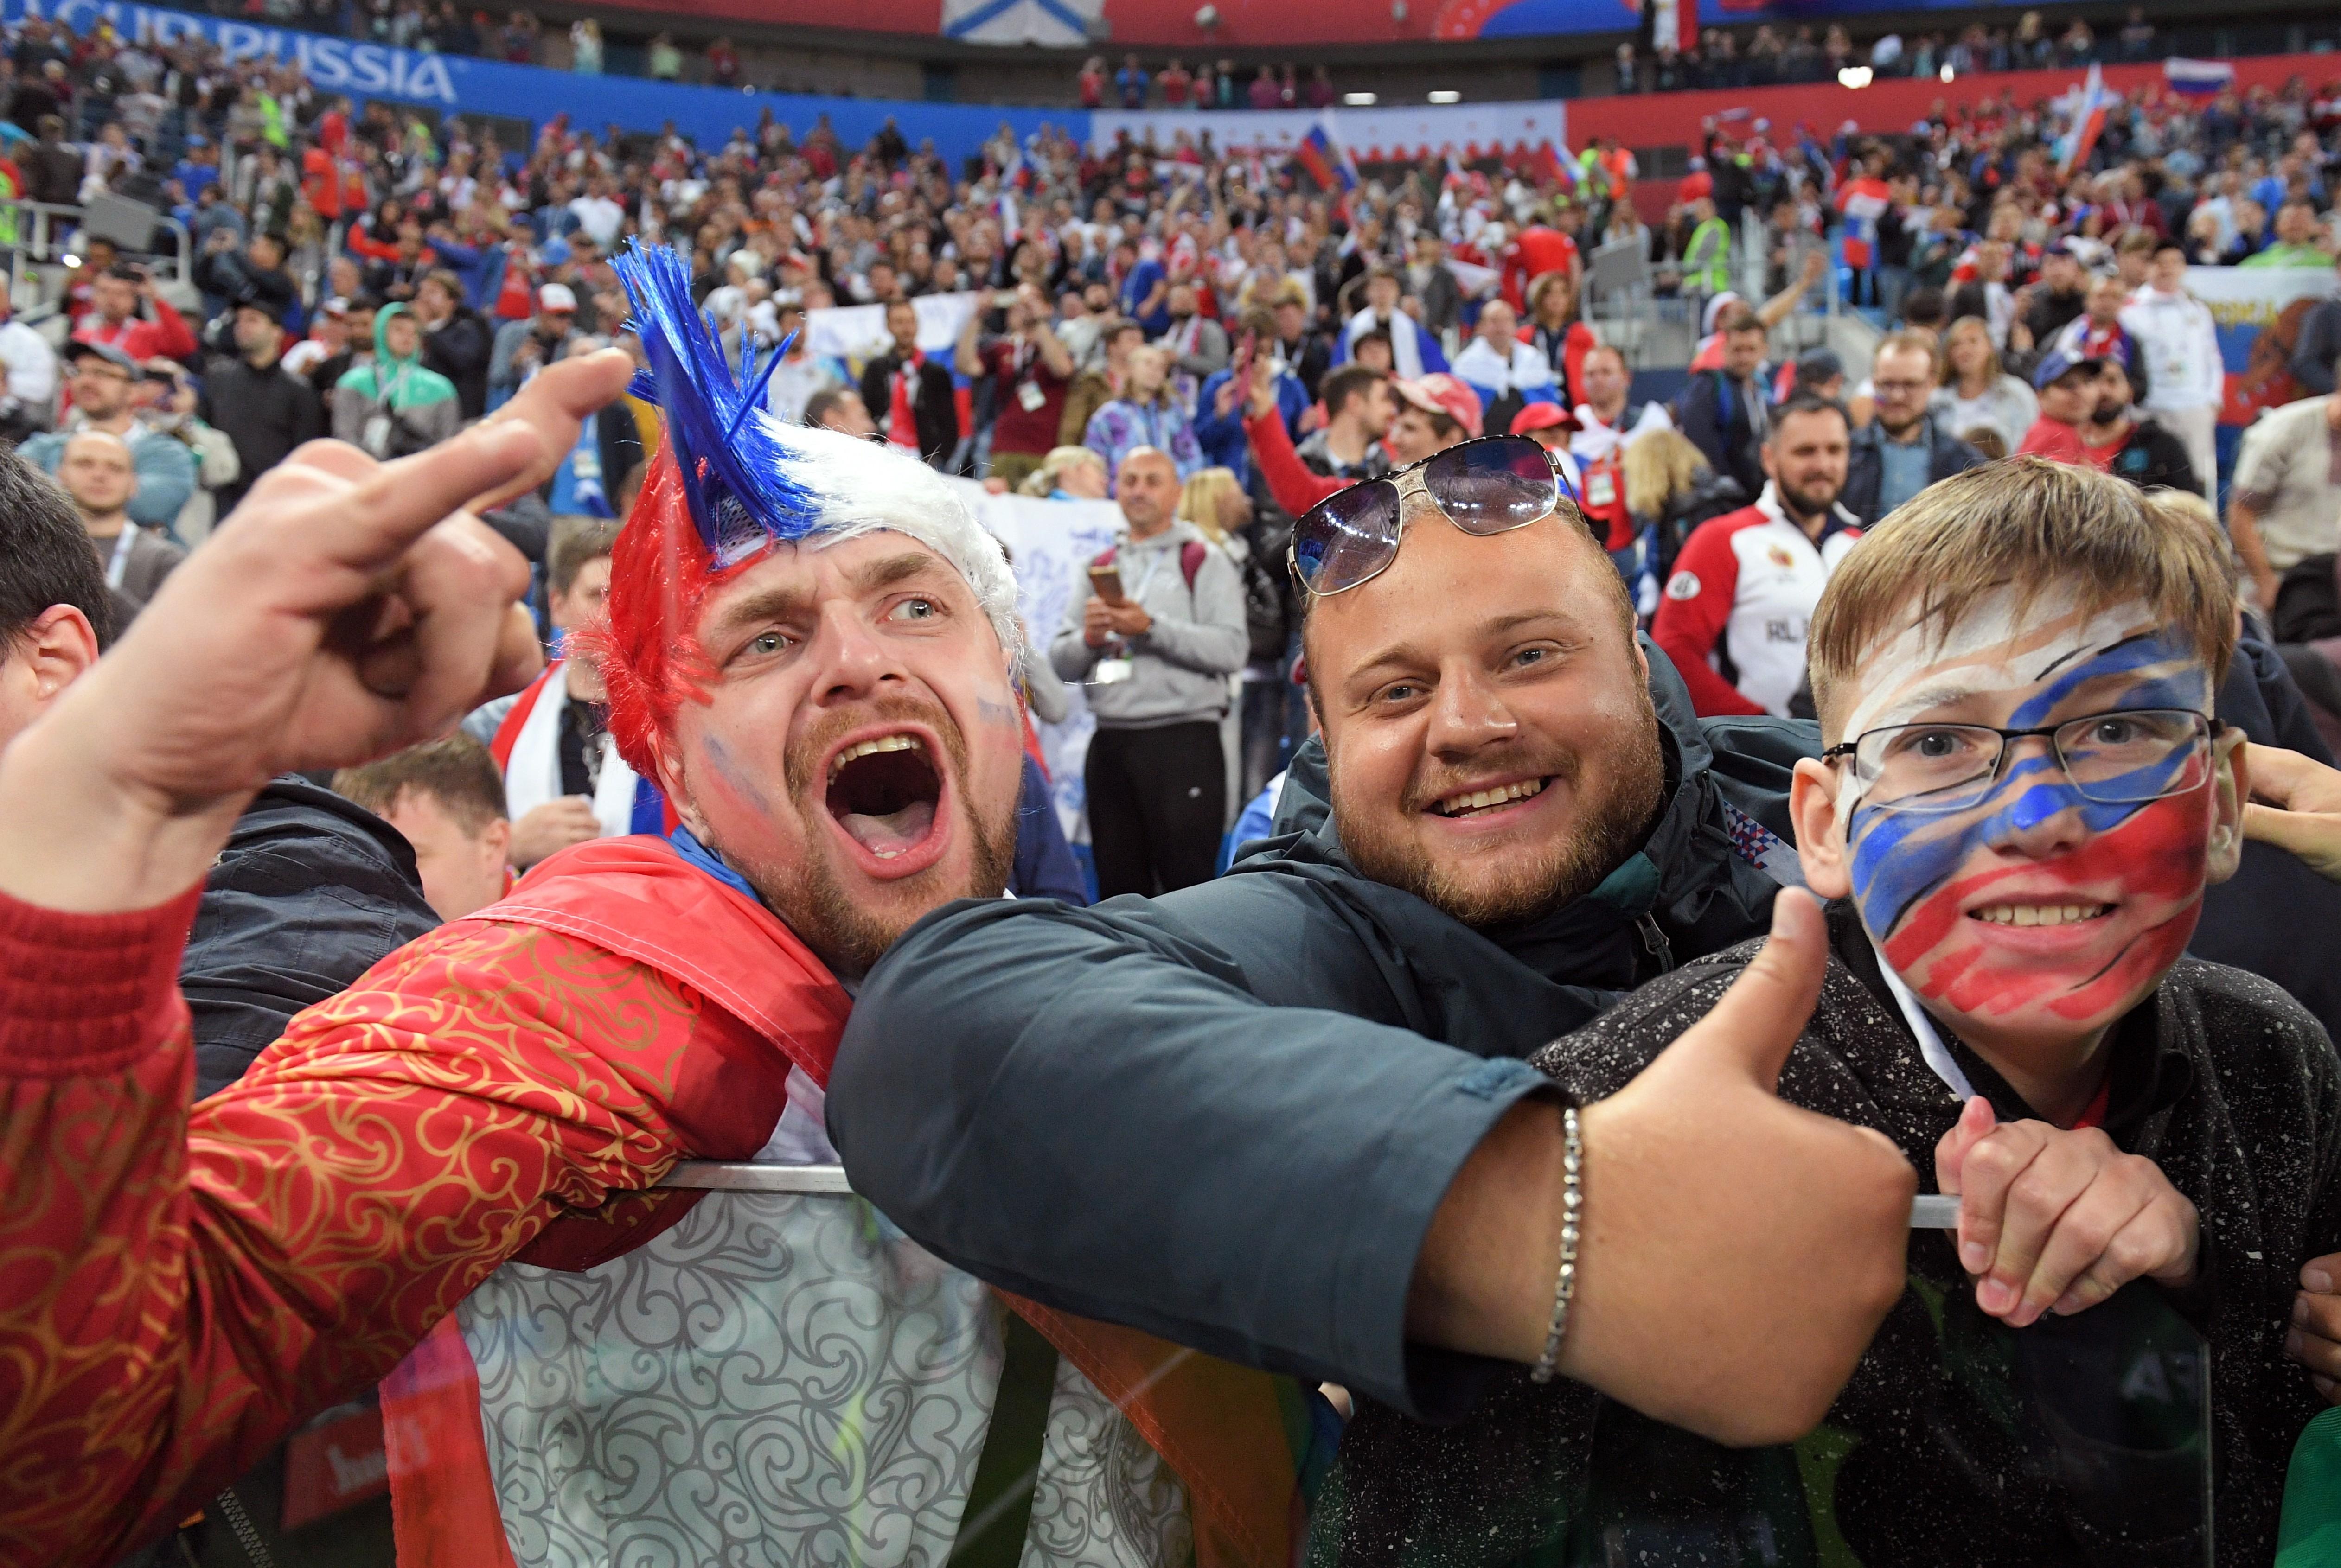 ужина погуляли фанаты россии футбол картинки вернуться